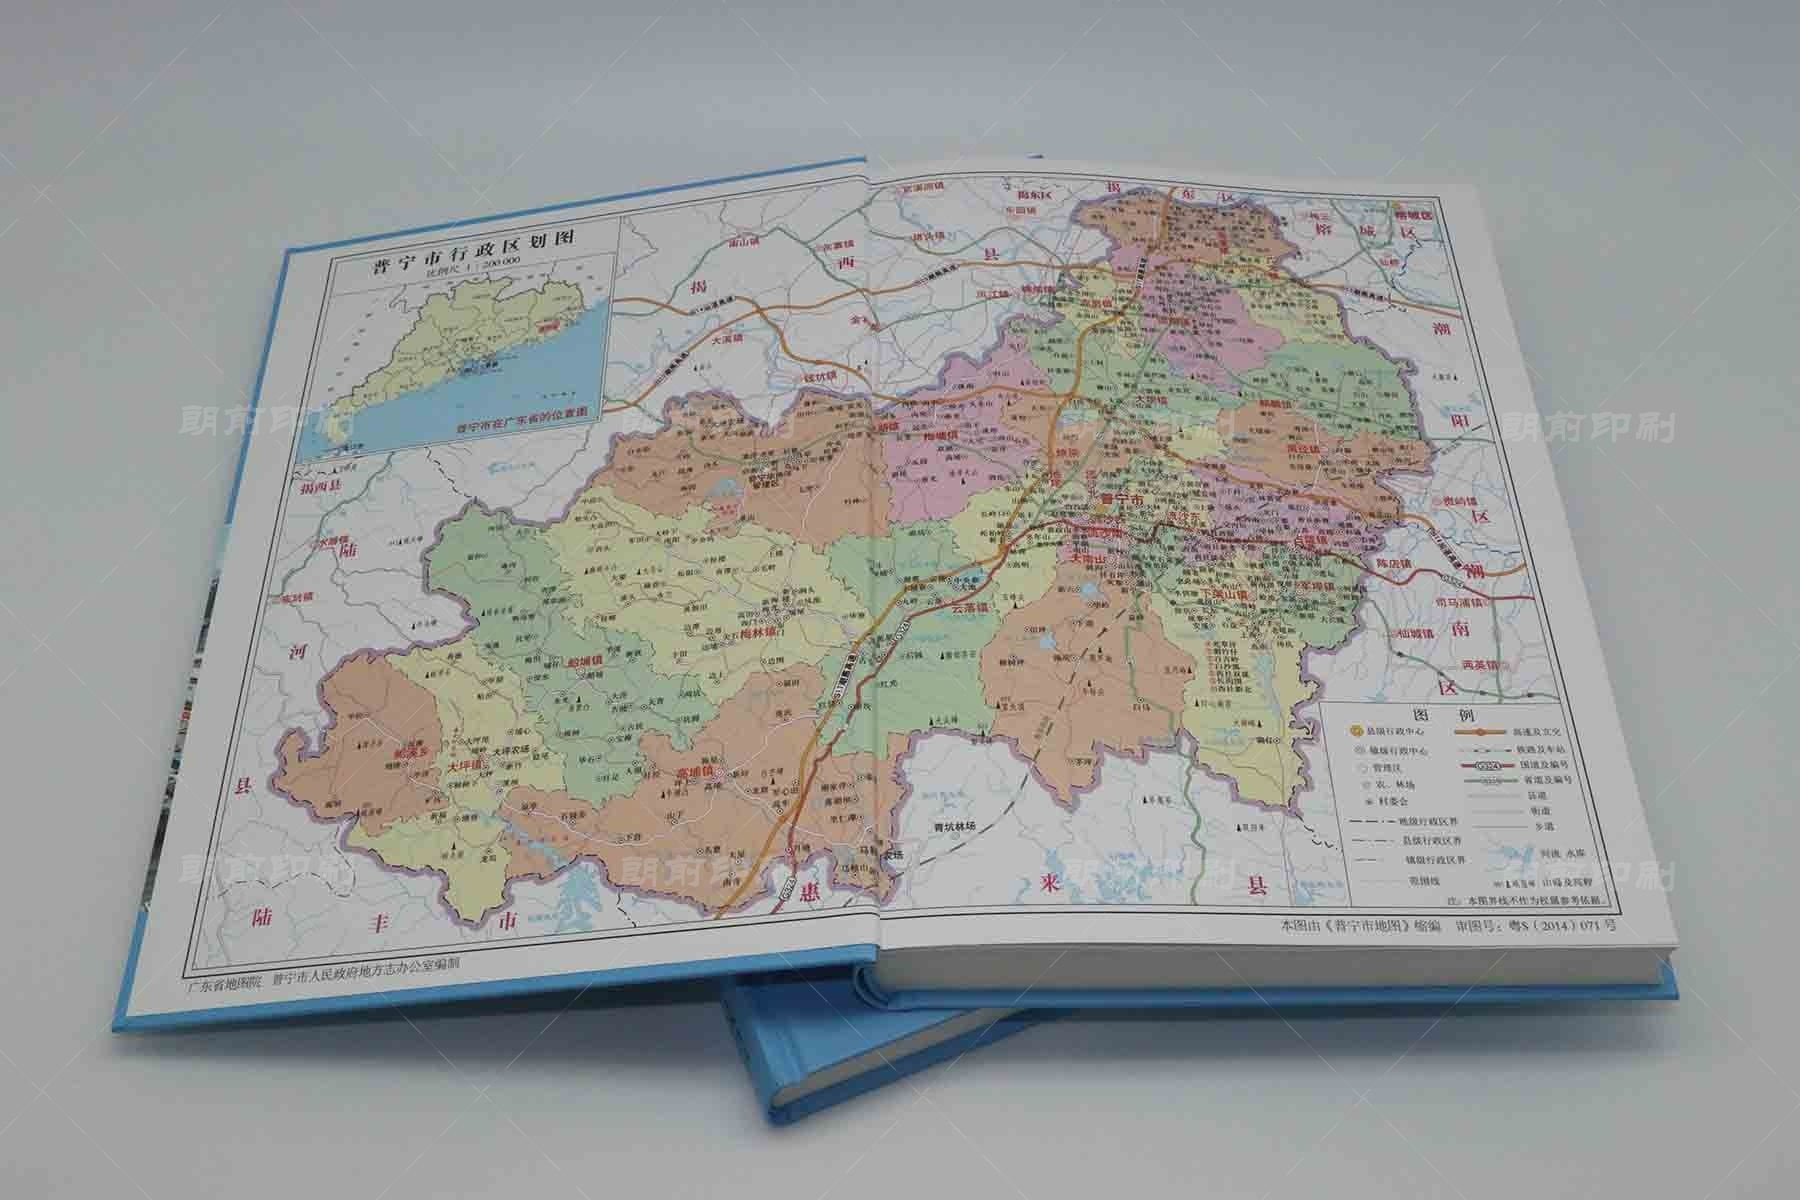 广州画册印刷价格对比 广州都有哪些画册印刷价格